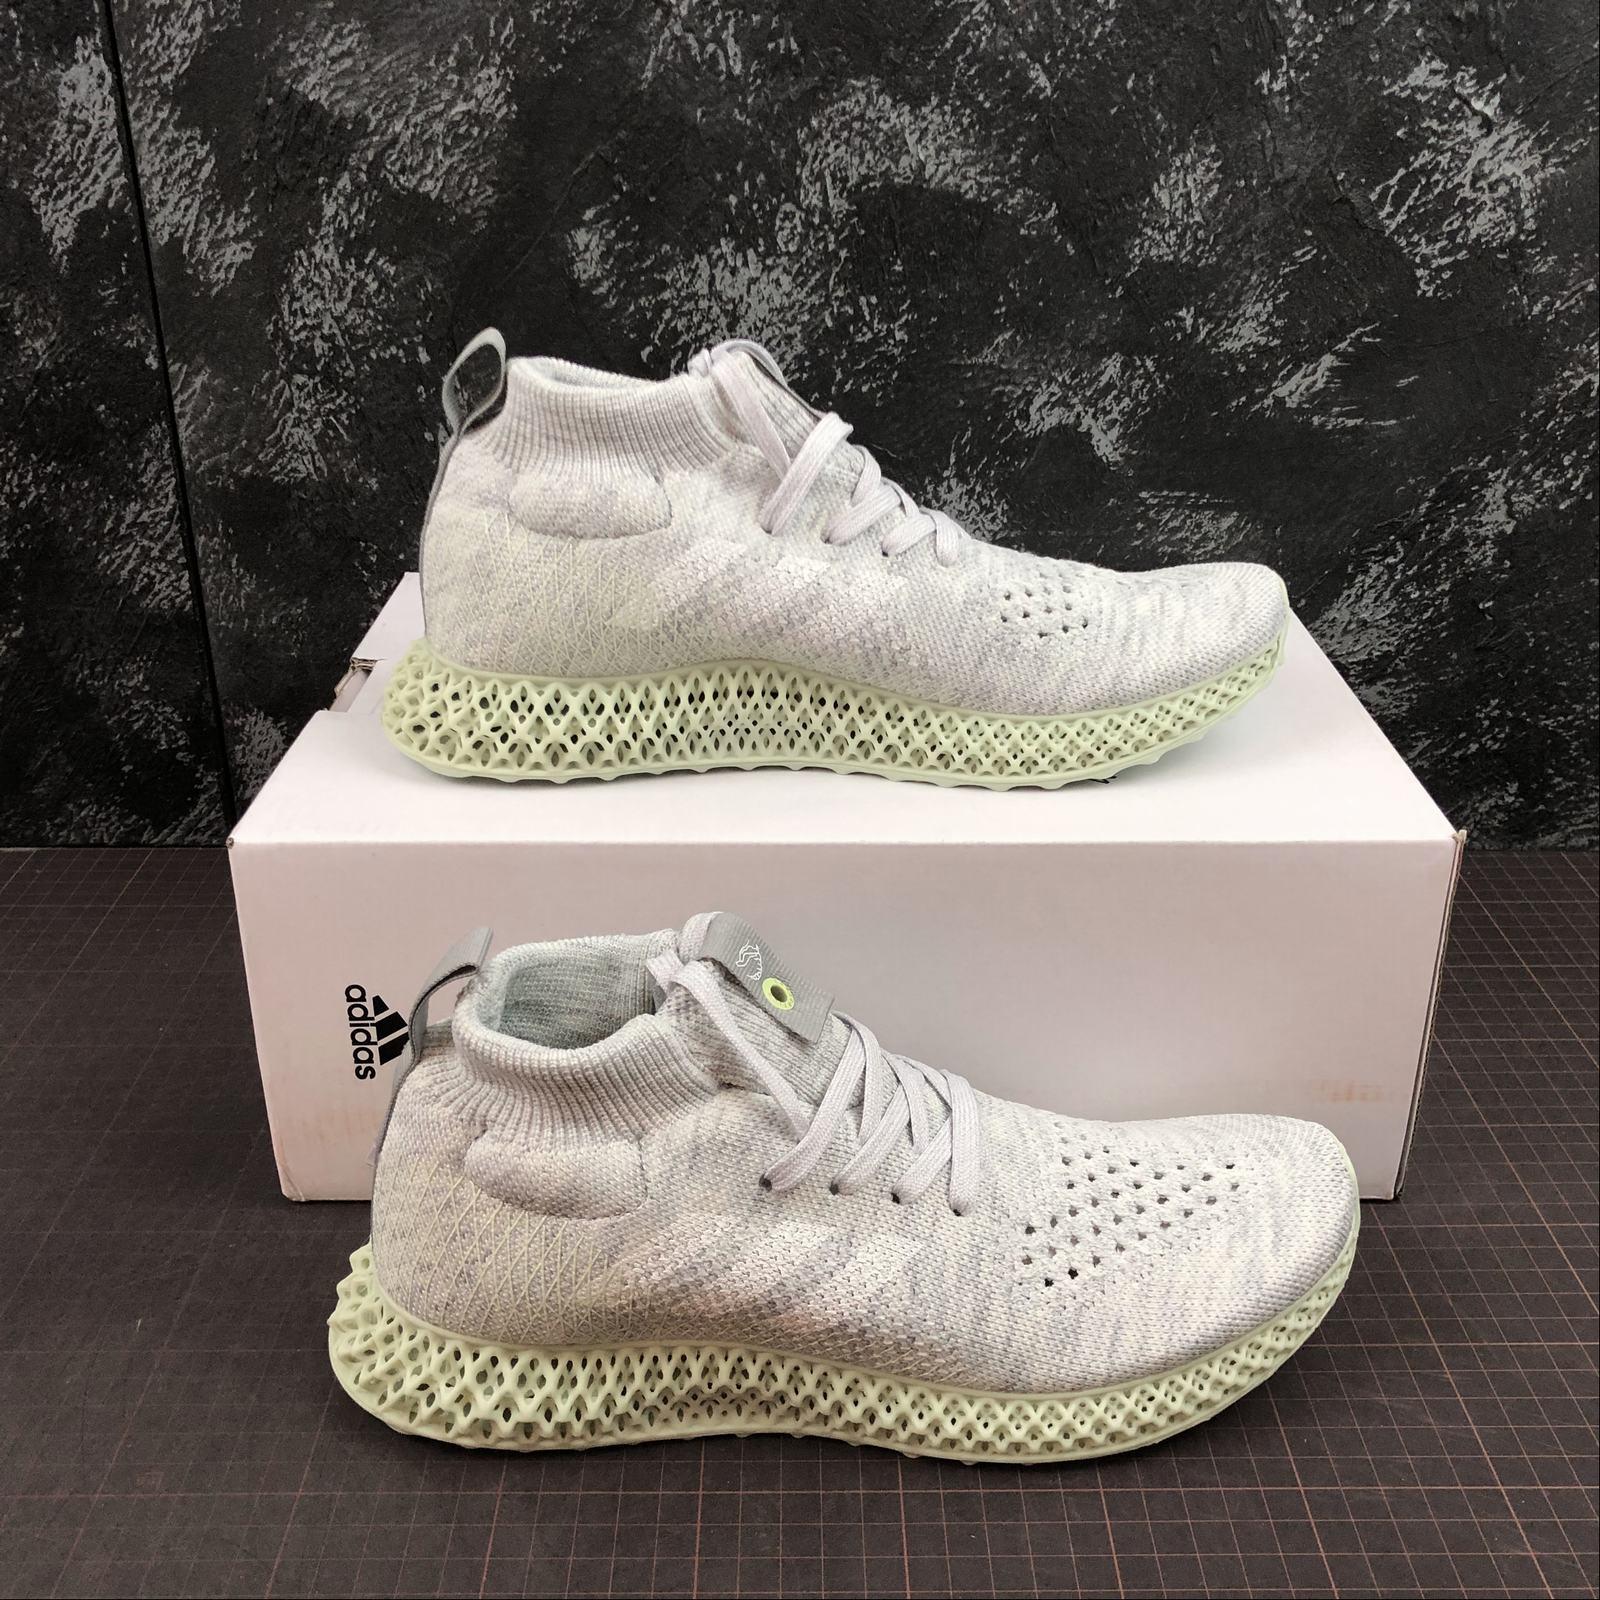 giay-sneaker-adidas-consortium-runner-mid-4d-ee4116